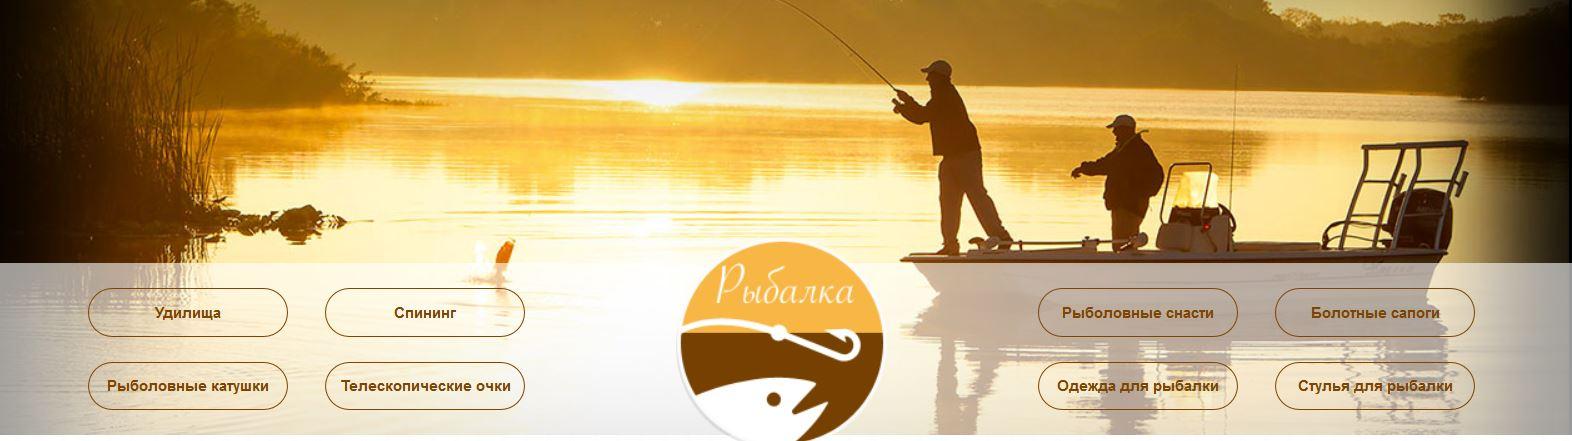 рыболовные интернет магазины арсенал рыбака